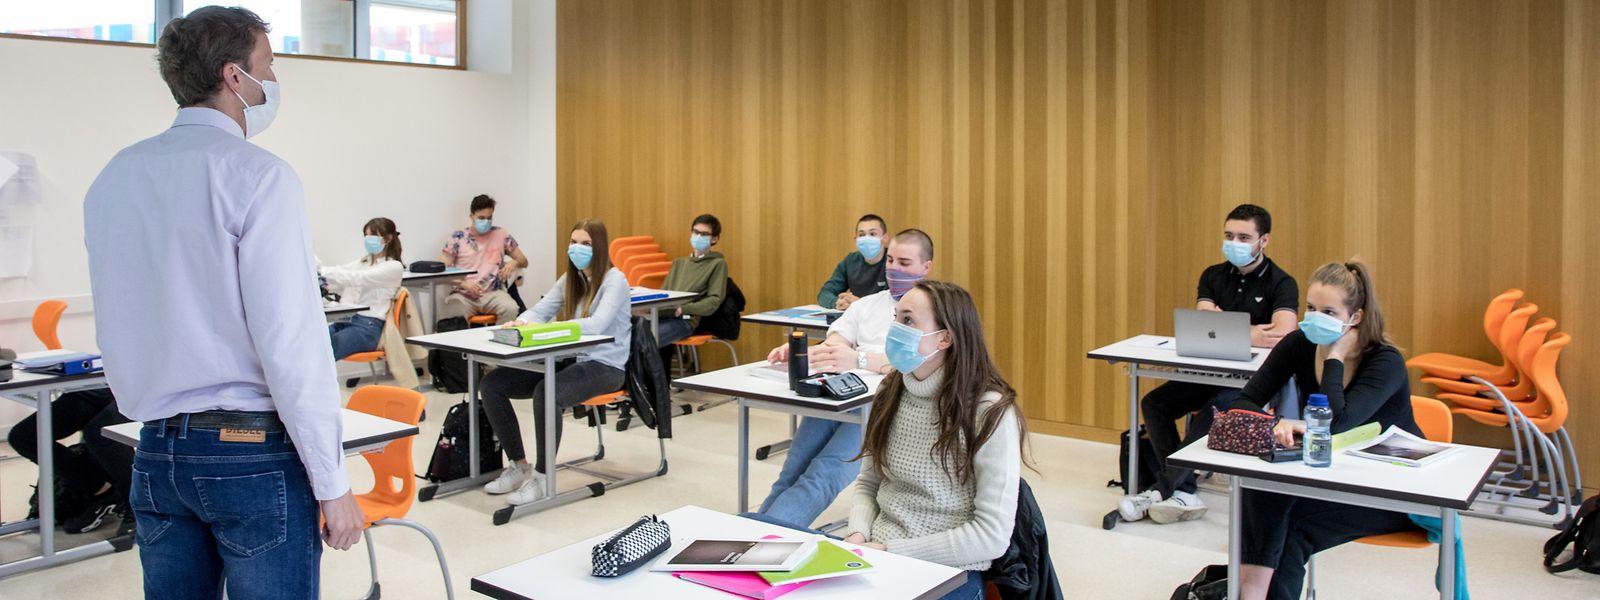 A l'Athénée, le directeur compte trois absents «dont nous ne connaissons pas le motif» sur le premier groupe de 140 élèves attendus ce lundi.